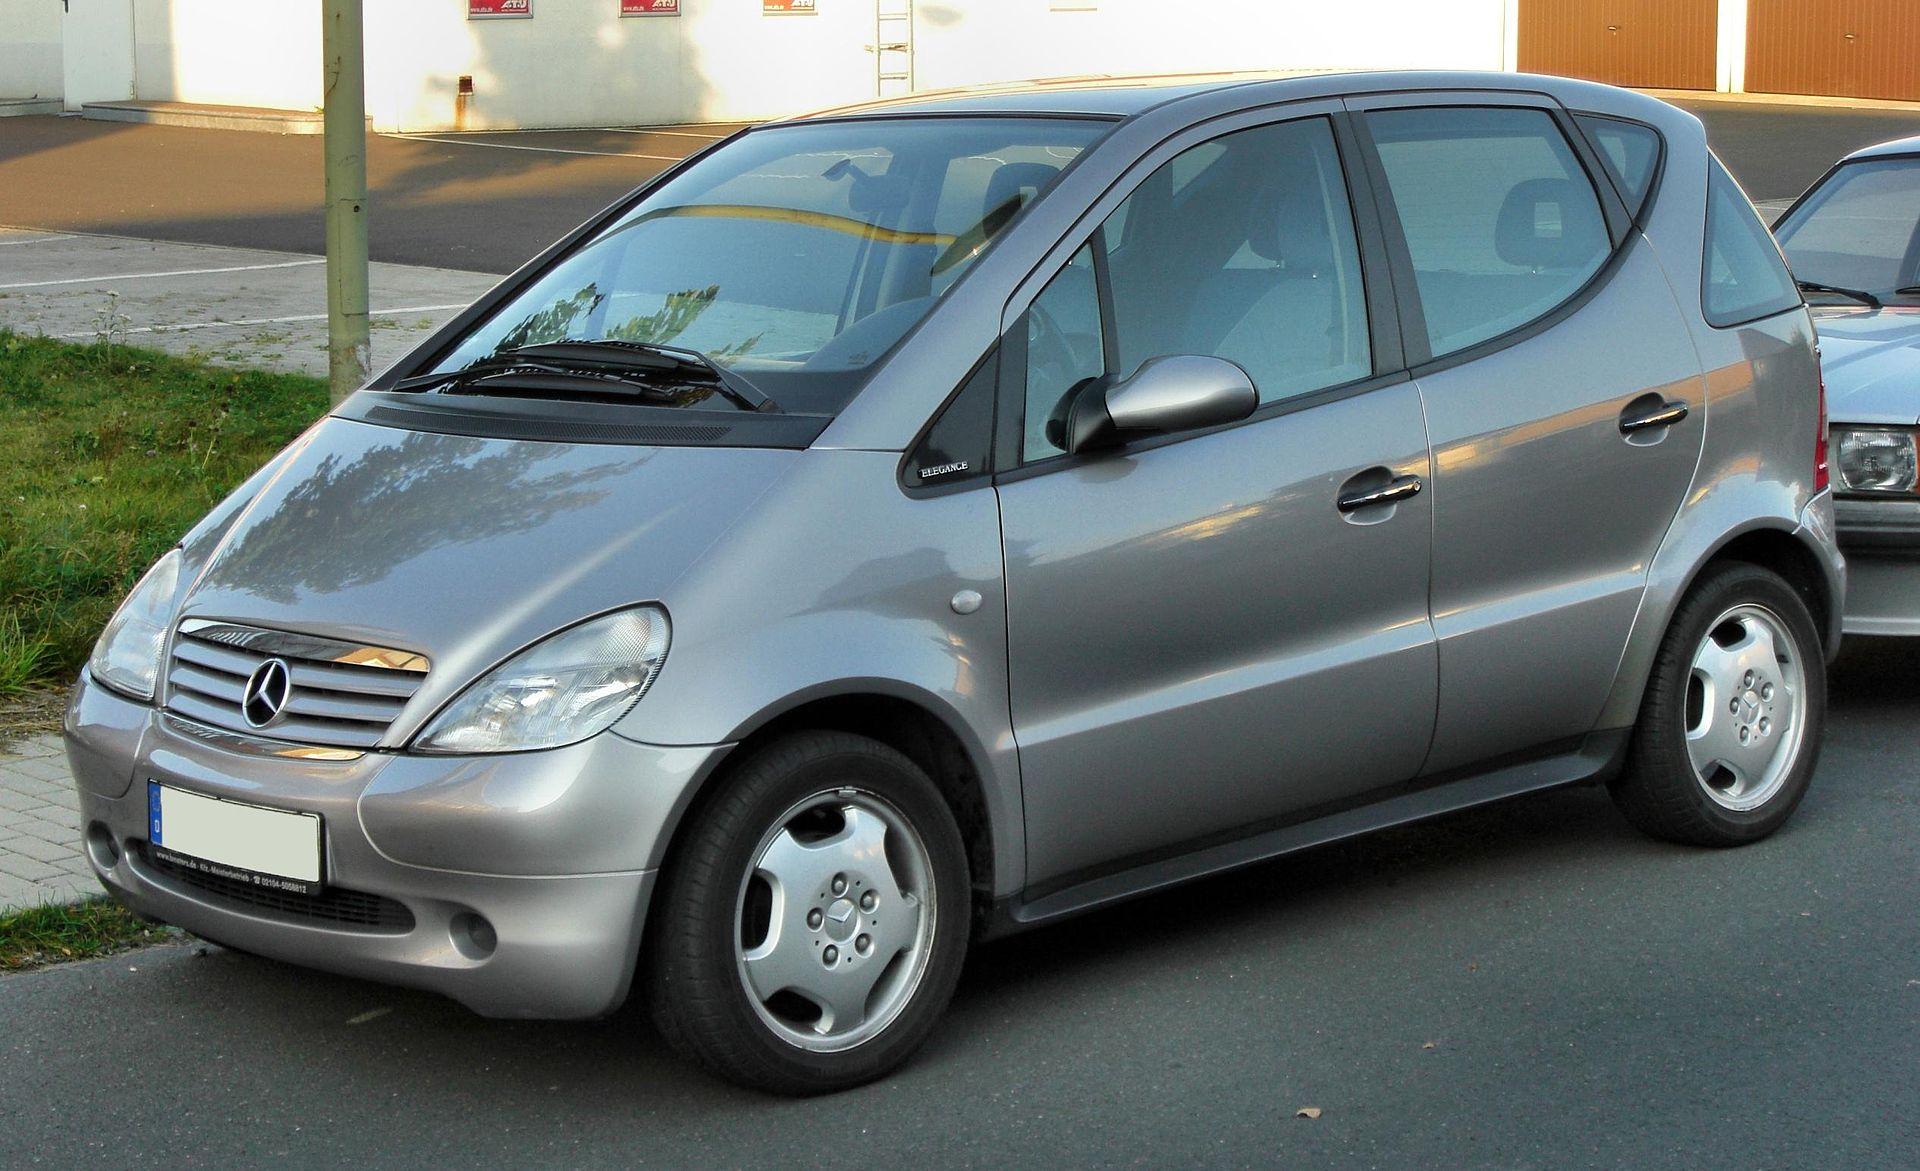 Samochód do 5 tysięcy złotych - Mercedes-Benz Klasy A W168